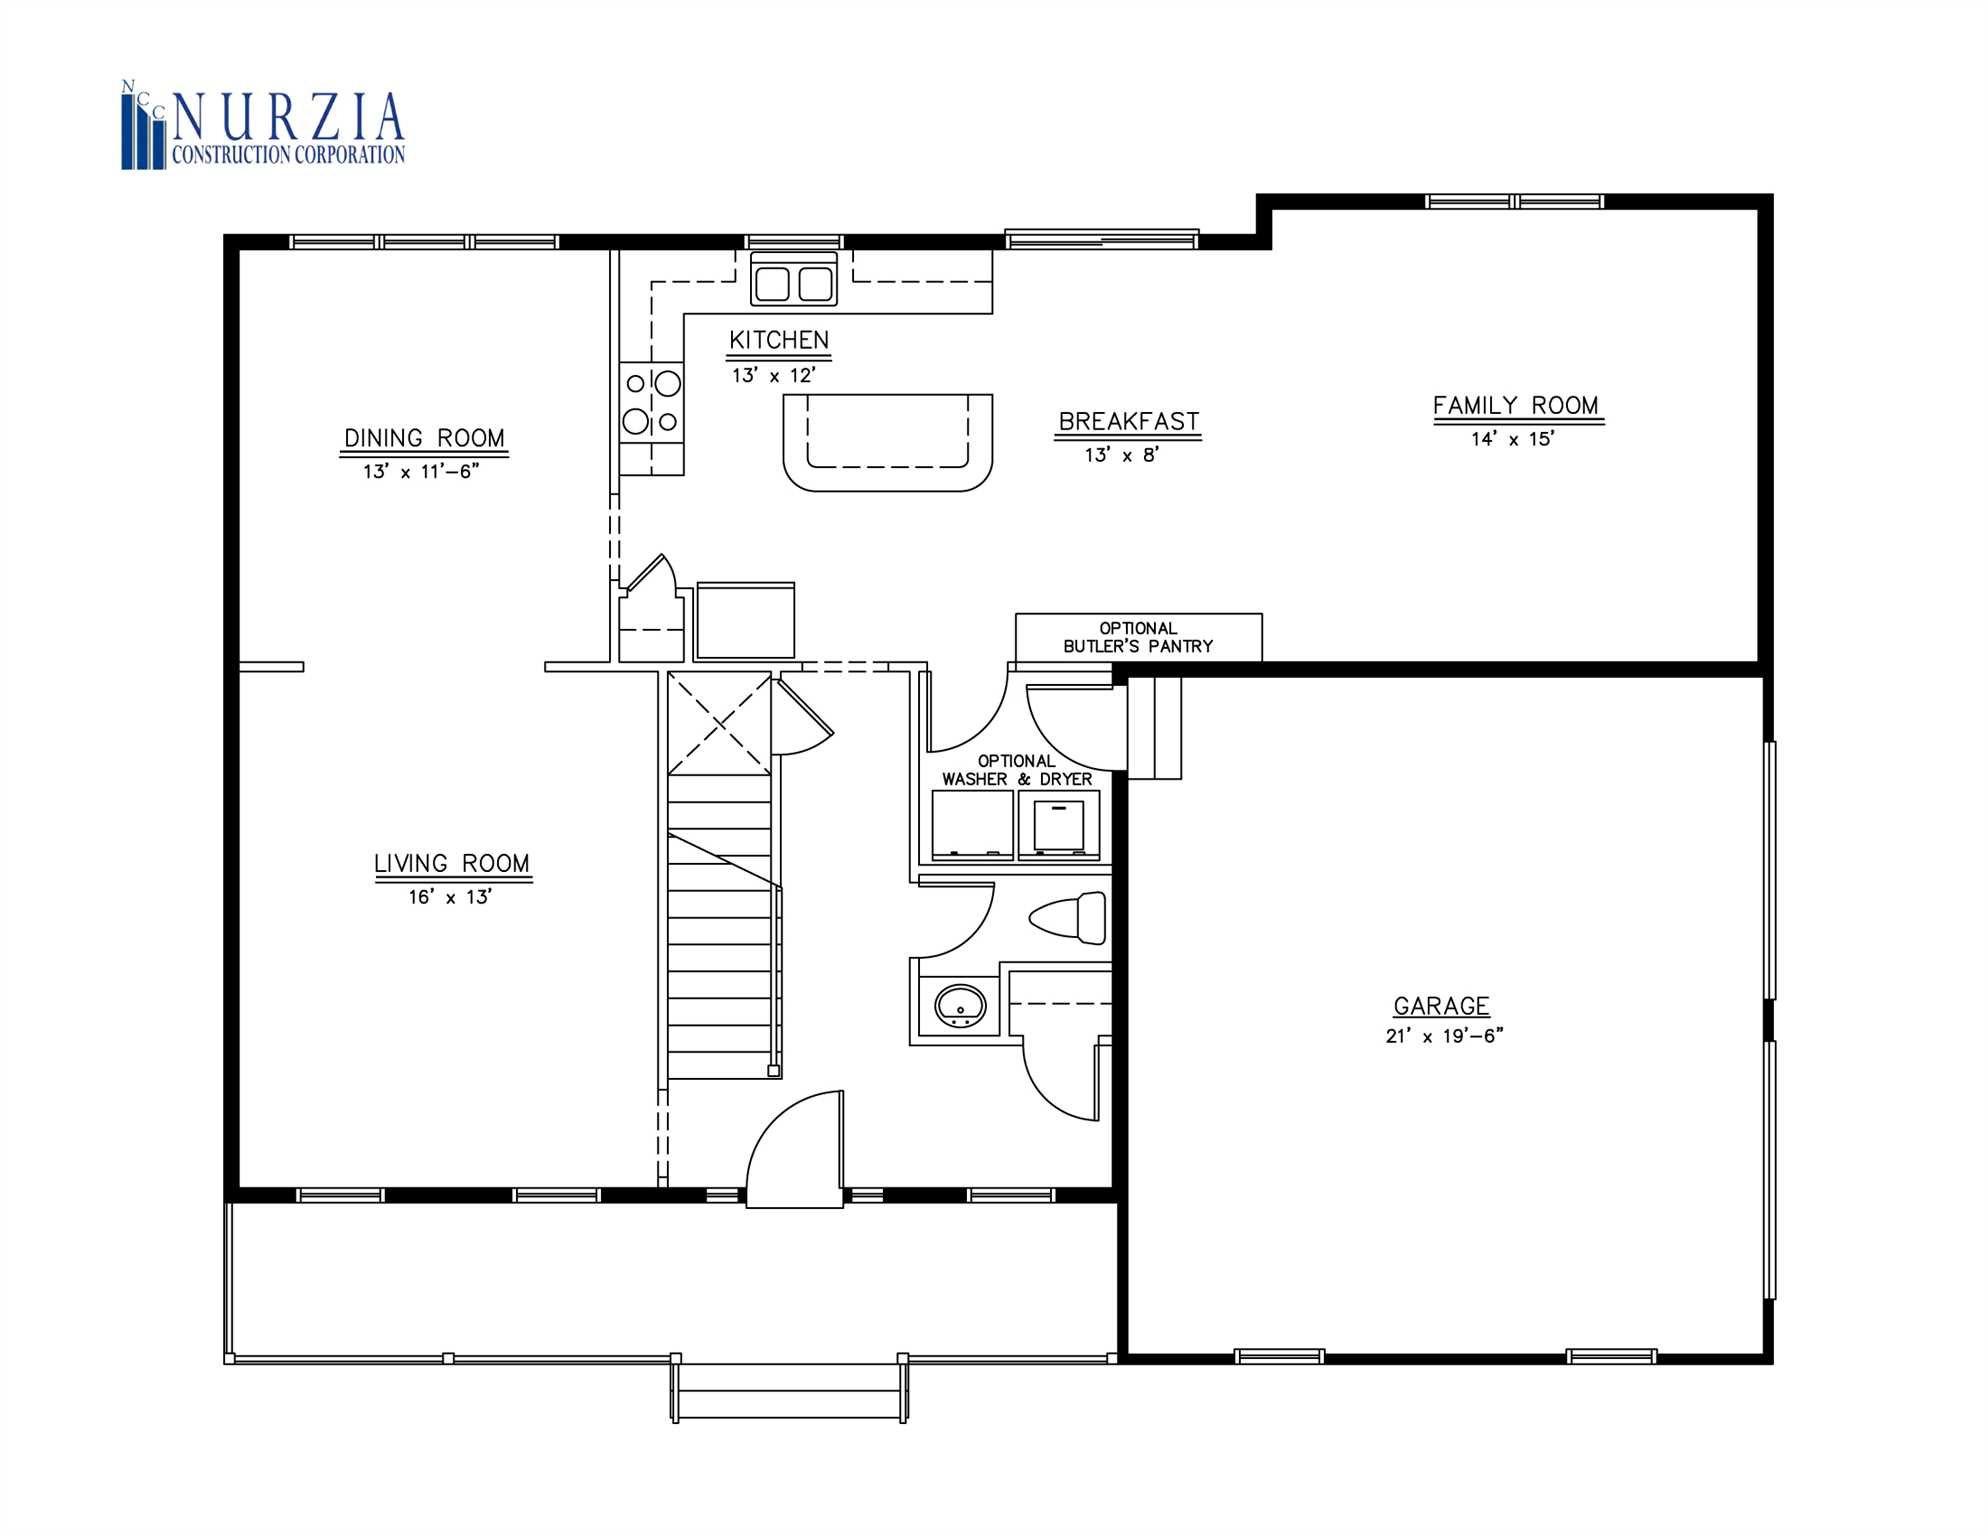 Single Family Home for Sale at 11 HORSESHOE PATH 11 HORSESHOE PATH Pawling, New York 12564 United States